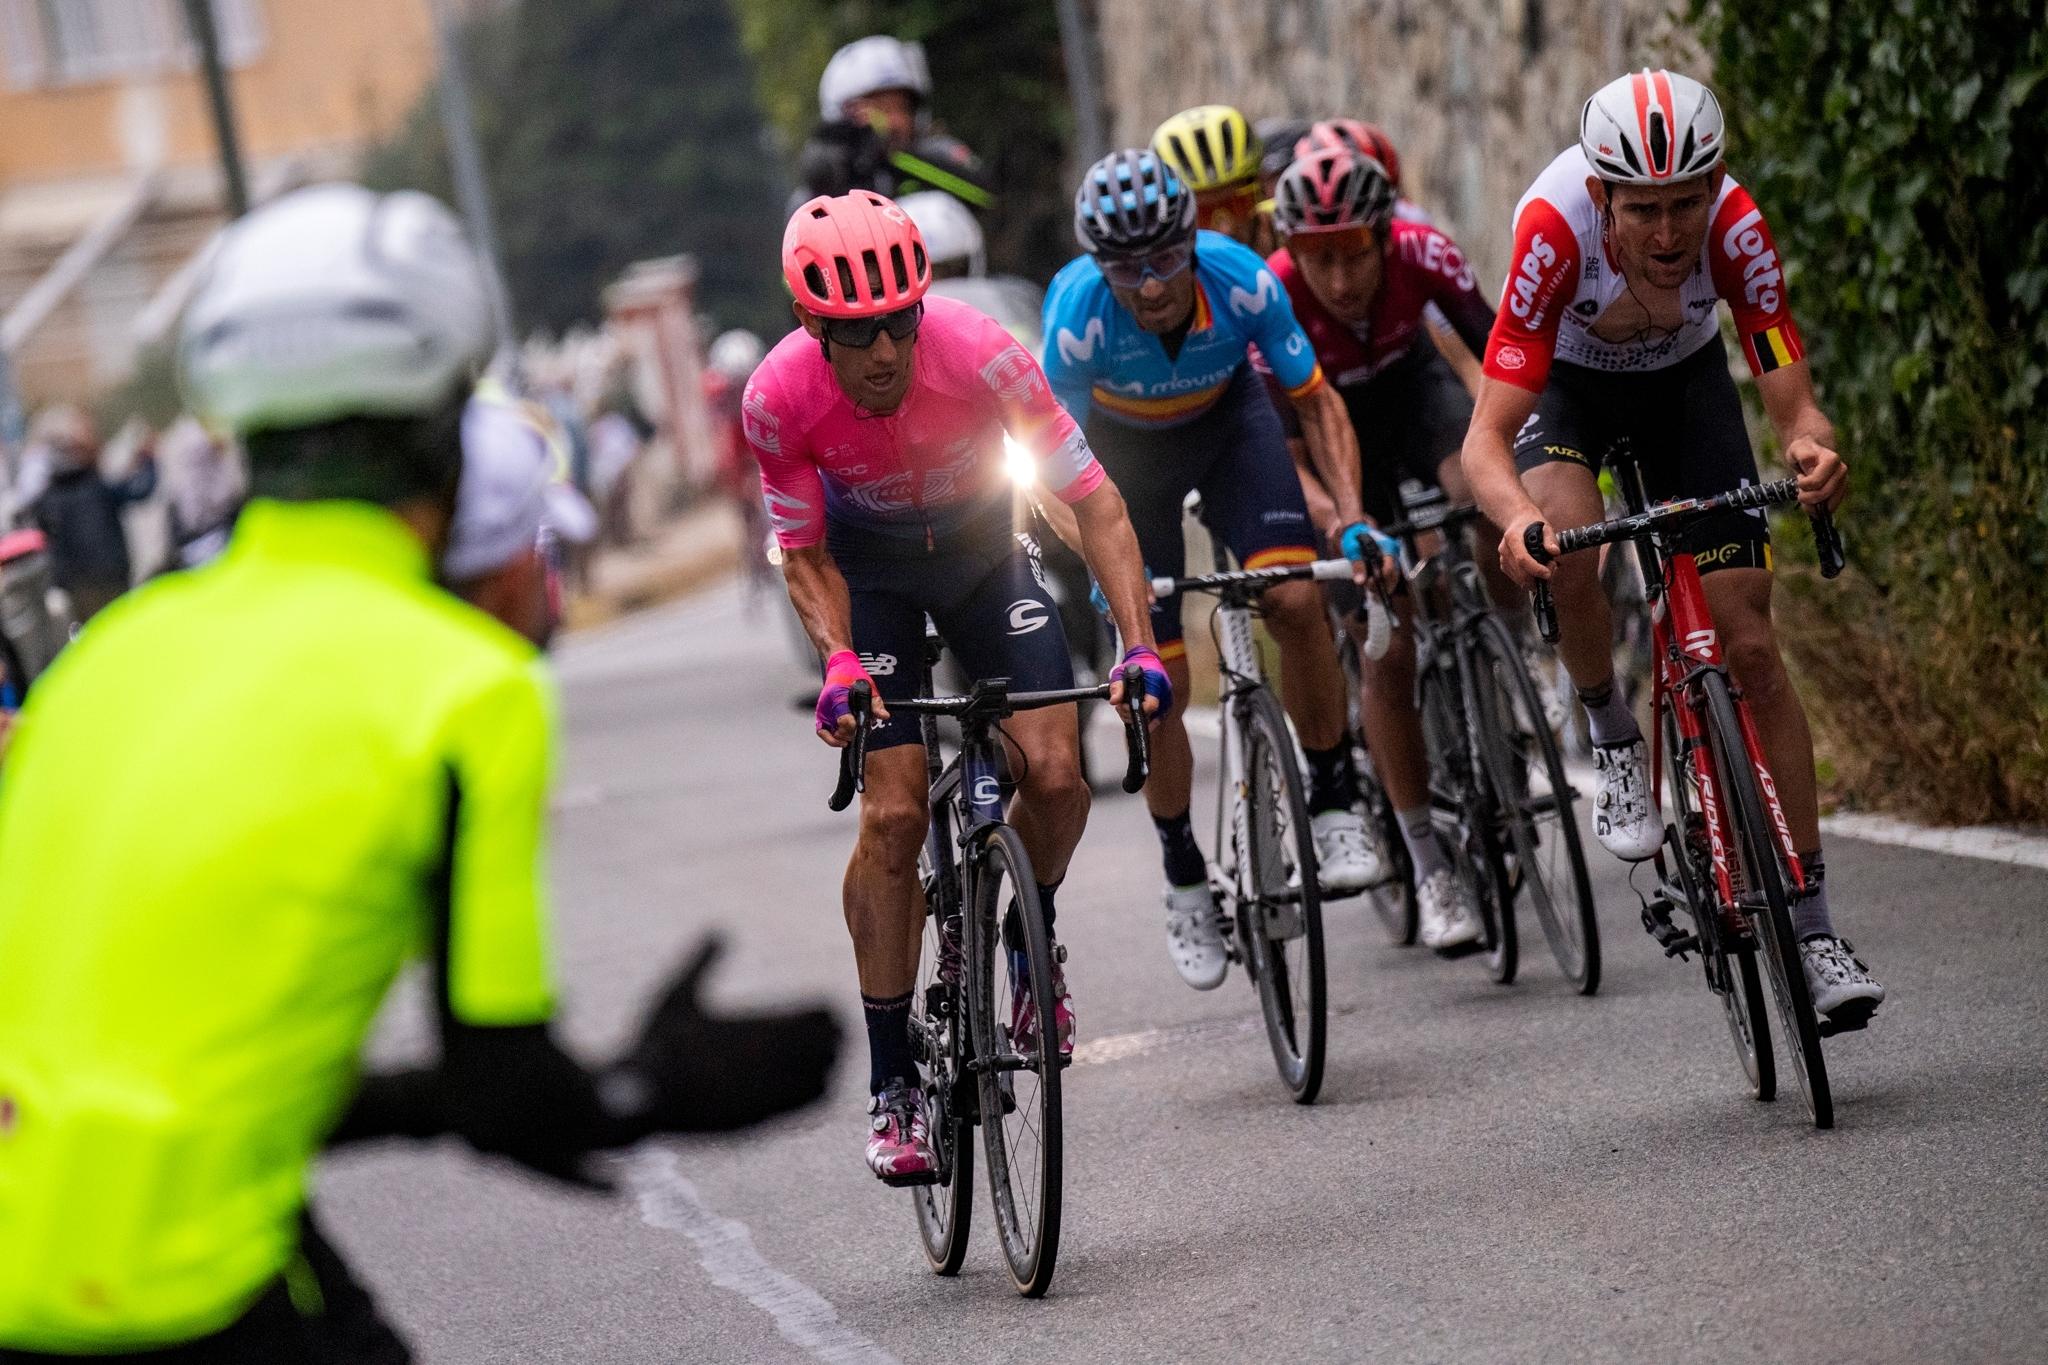 Foto LaPresse - Marco Alpozzi09/10/2019 Torino (Italia)Sport CiclismoMilano-Torino 2019 - Edizione 100 - Magenta (Milano) -Superga 179 km Nella foto:Photo LaPresse - Marco AlpozziOctober 10, 2018 Turin ( Italy ) Sport CyclingMilano-Torino 2019 - Edition 100 - Magenta (Milano) -Superga 179 km In the pic: